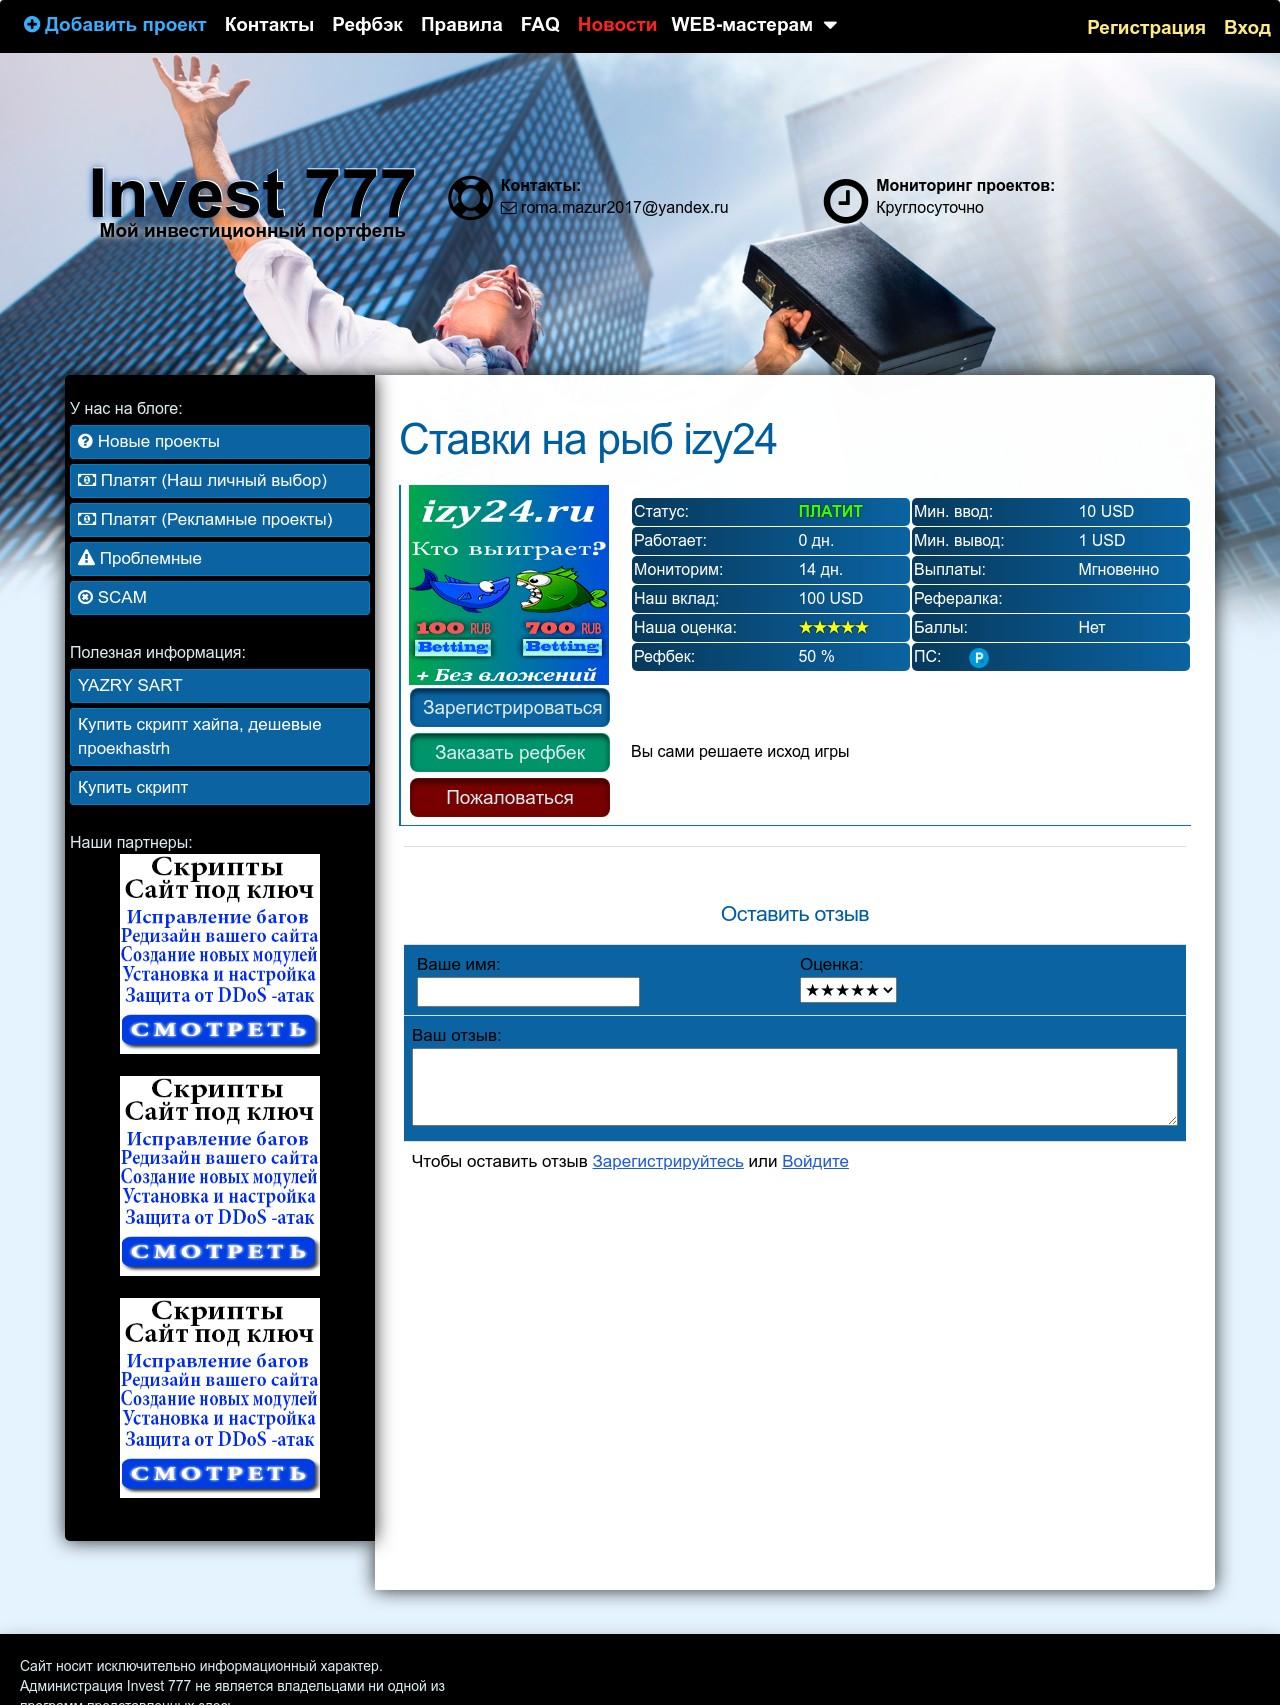 Студии по созданию скриптов для сайта уфа торговая компания старт официальный сайт